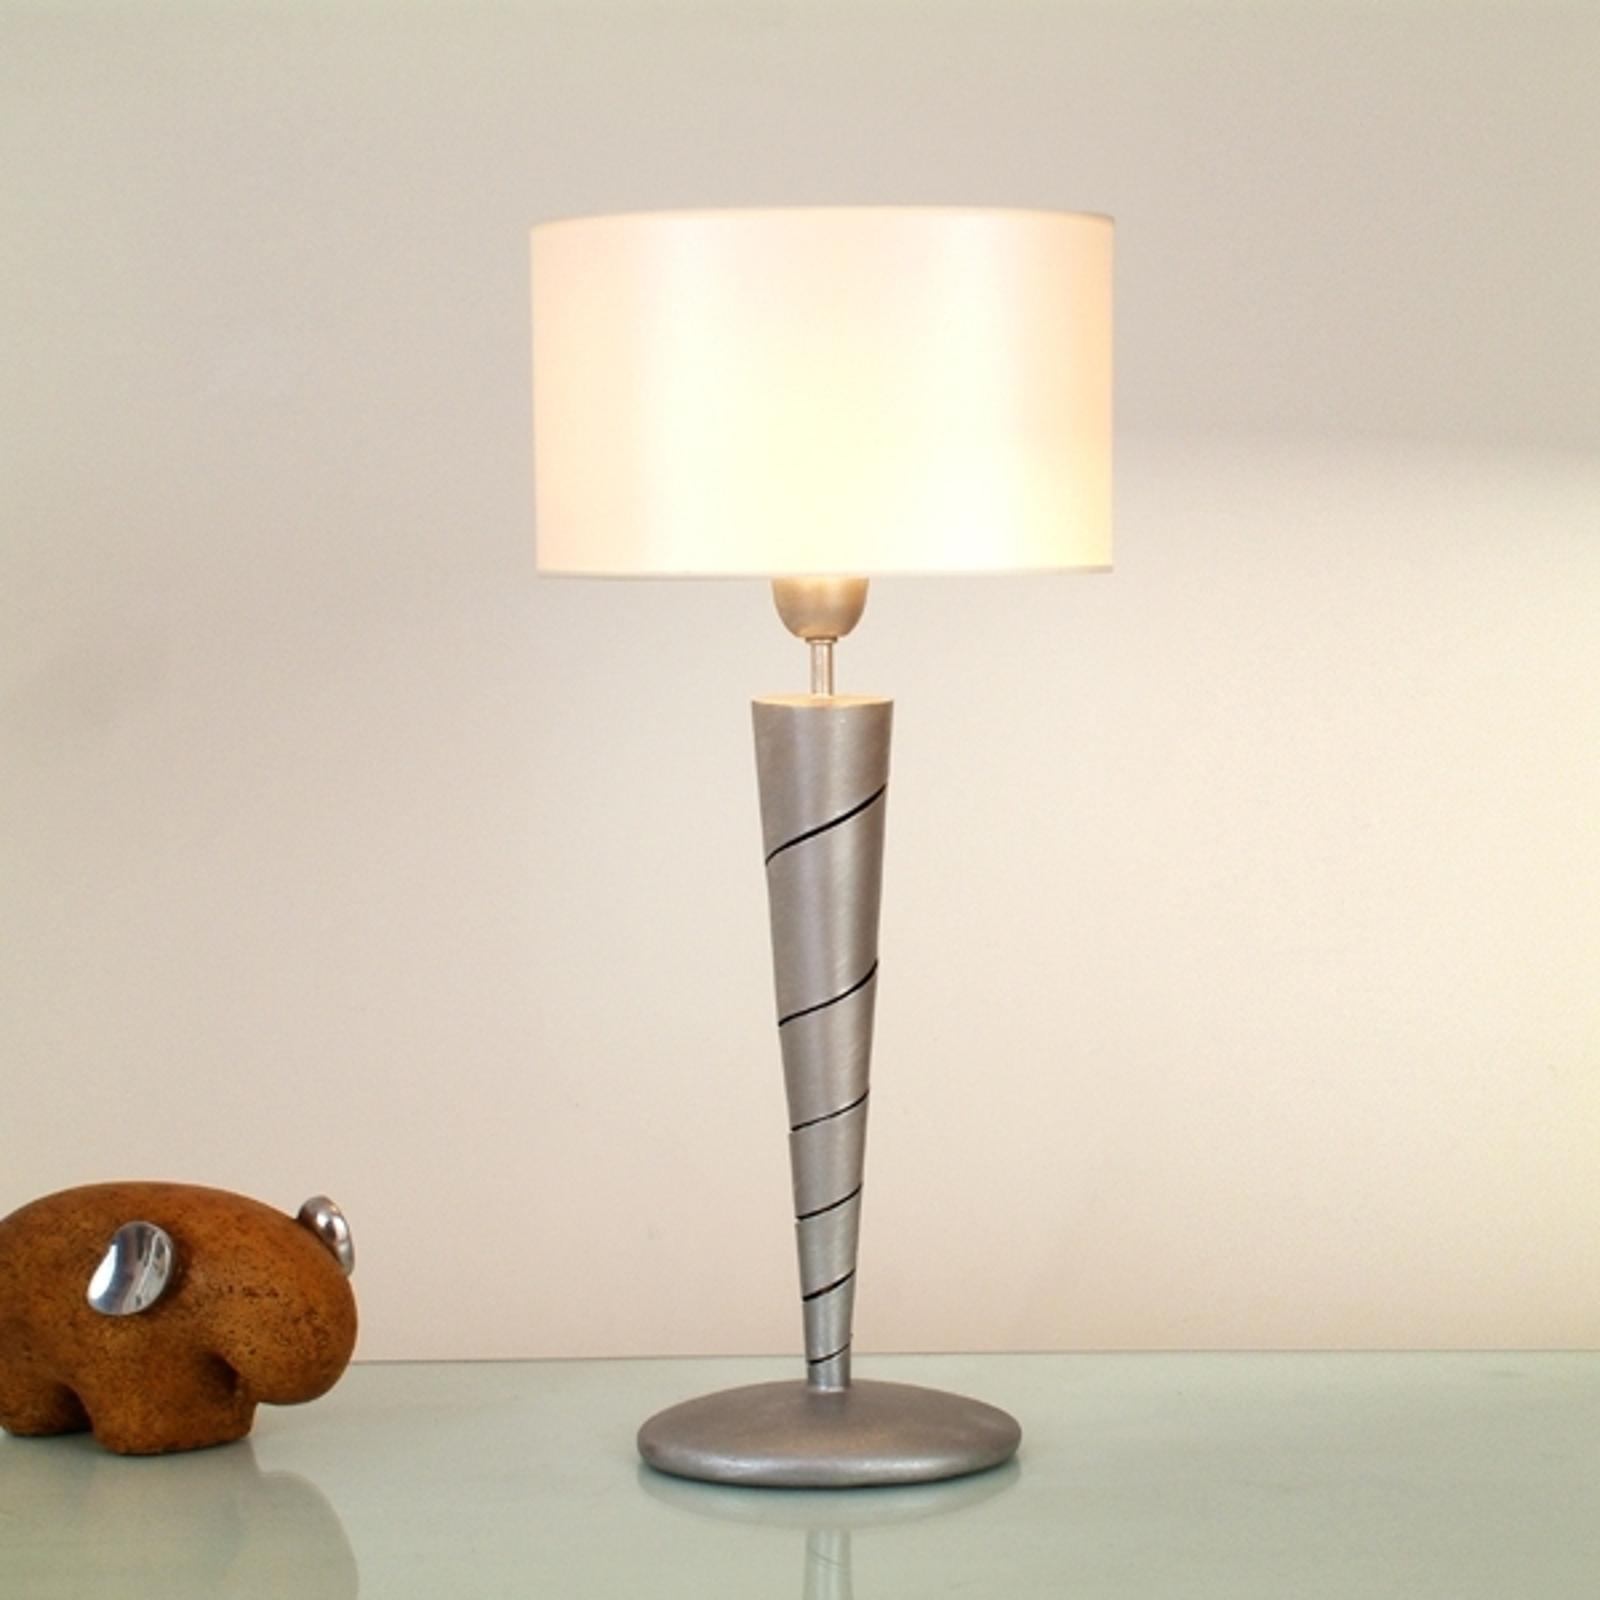 Magnifique lampe à poser INNOVAZIONE, fer, argenté